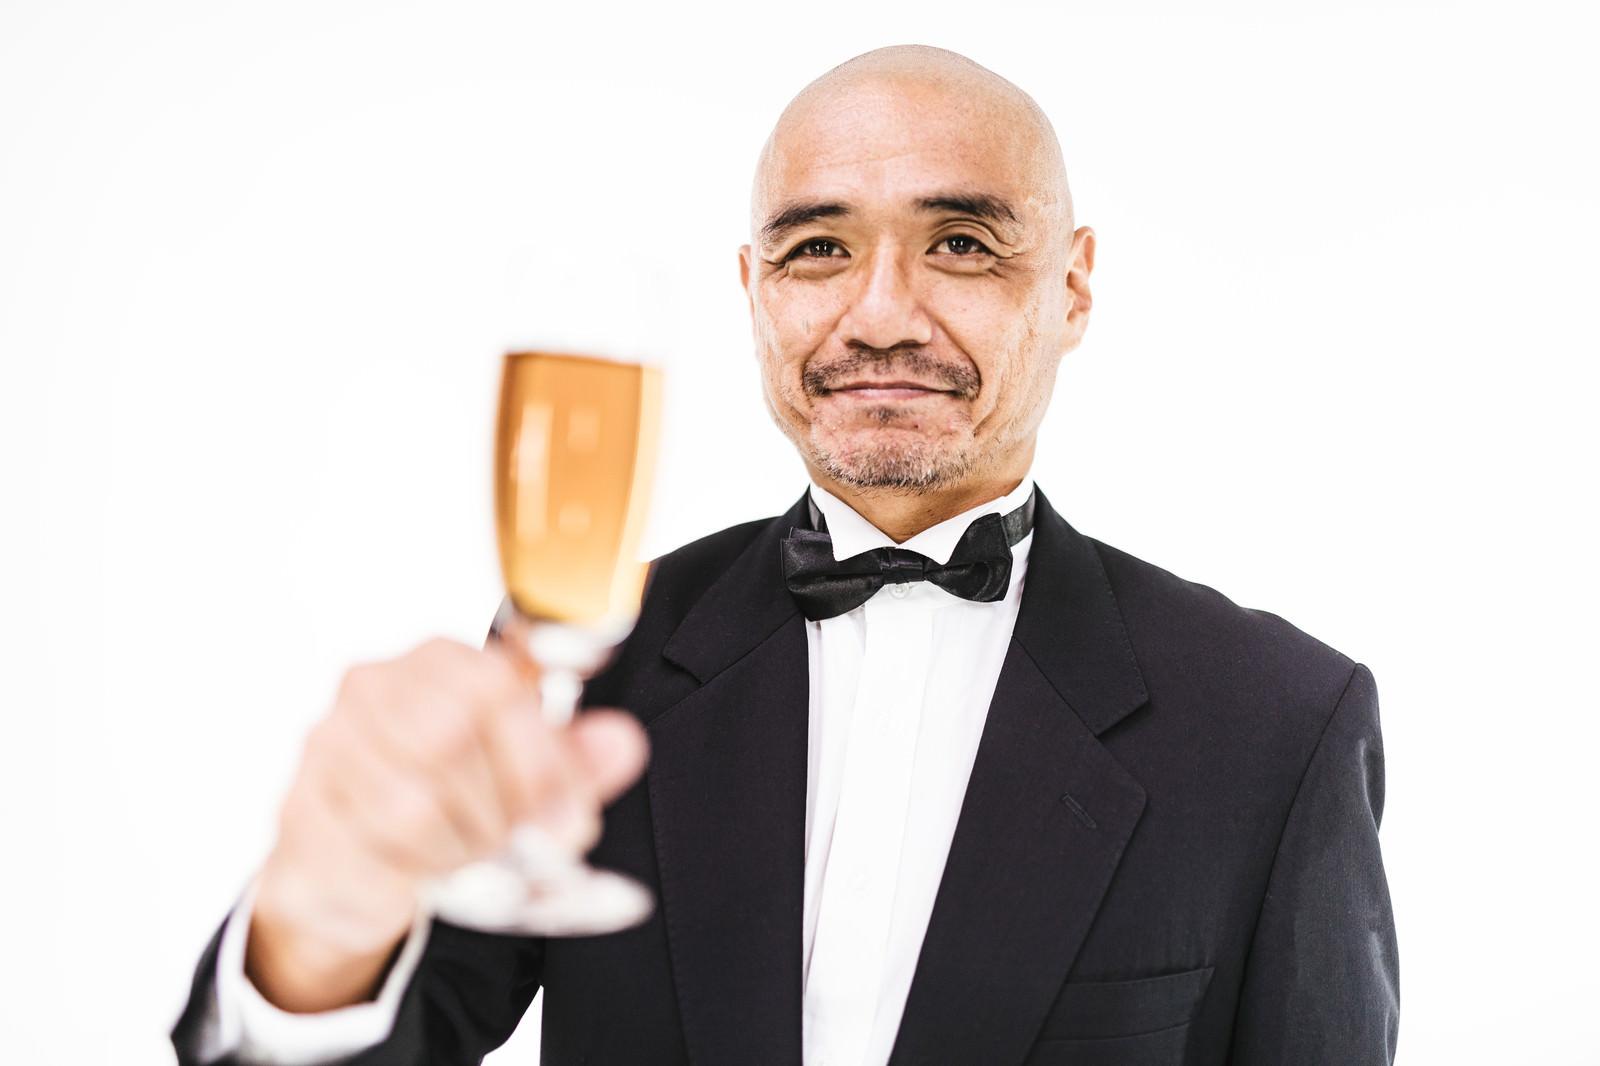 乾杯の挨拶の仕方|シーン別7コ・乾杯の音頭との違い